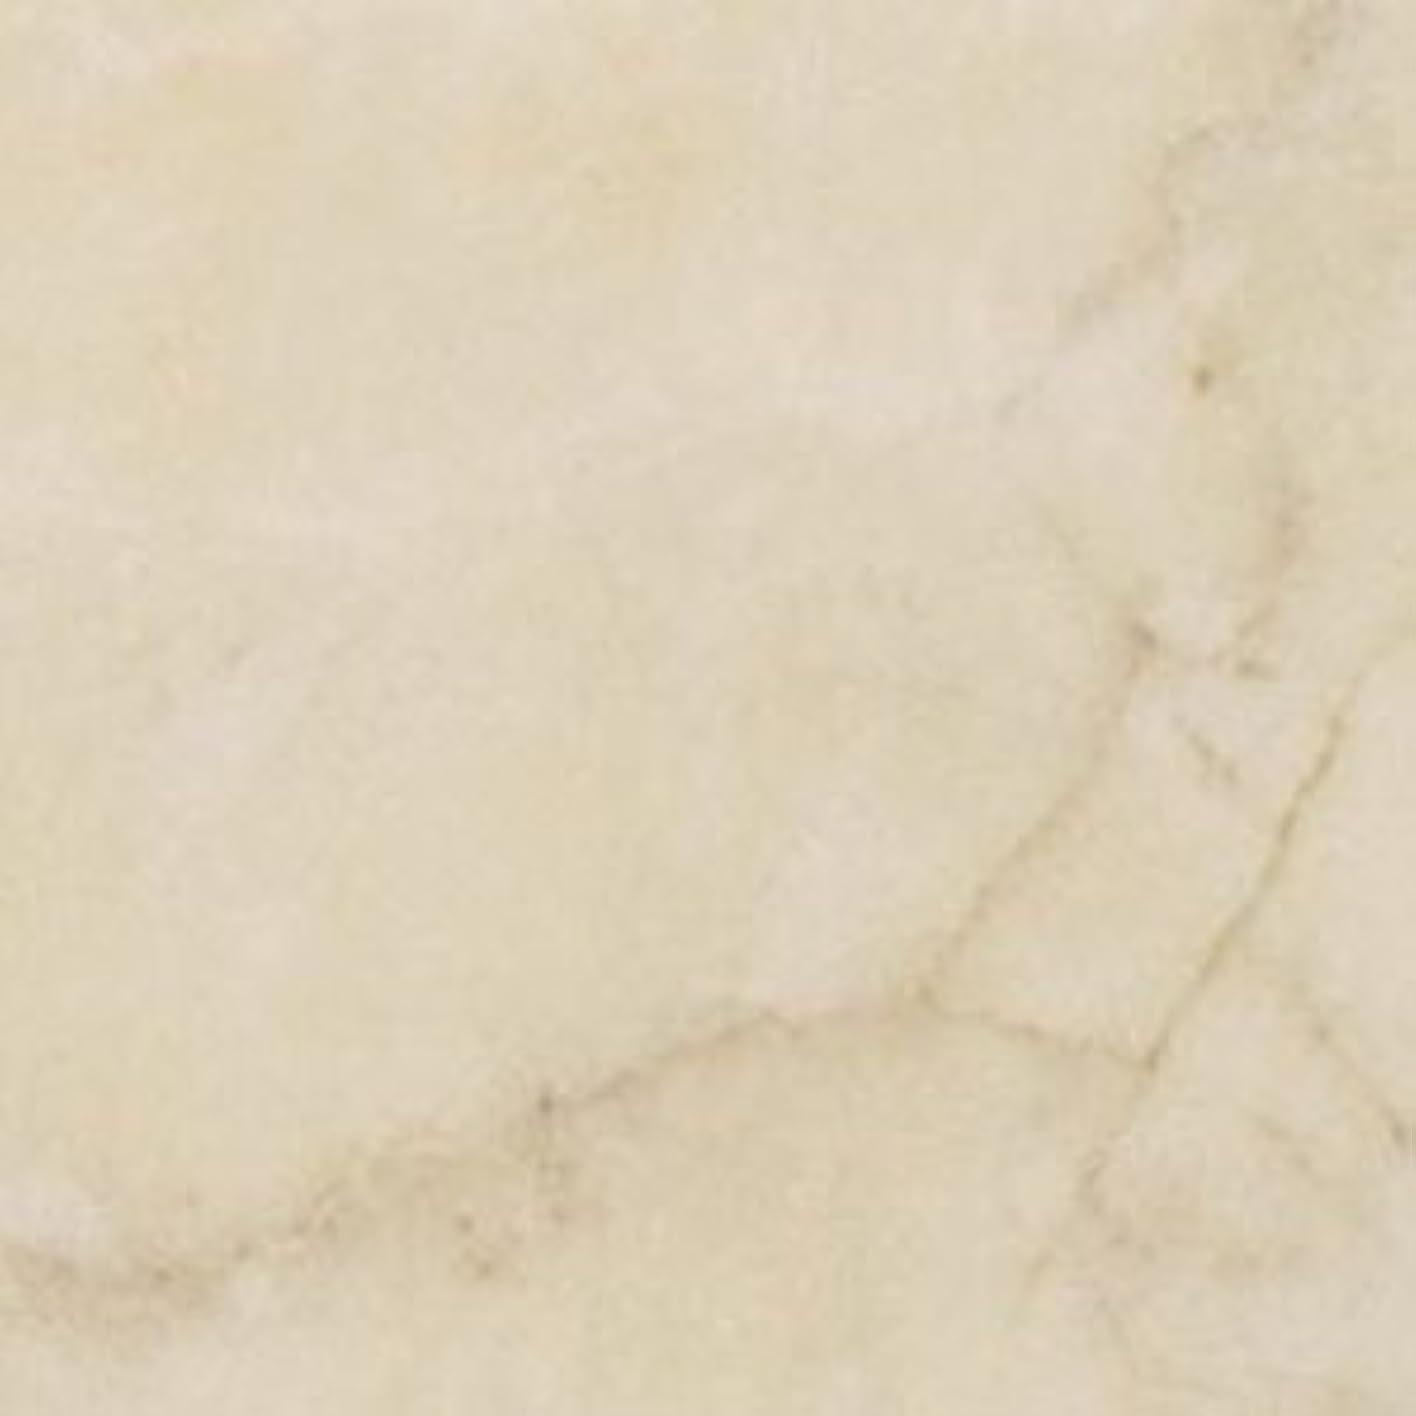 本部再開安らぎ住宅用クッションフロア サンゲツ Hフロア モカストーン 約30㎝角格子 HM-1089(HM-6089)(長さ1m x 注文数)